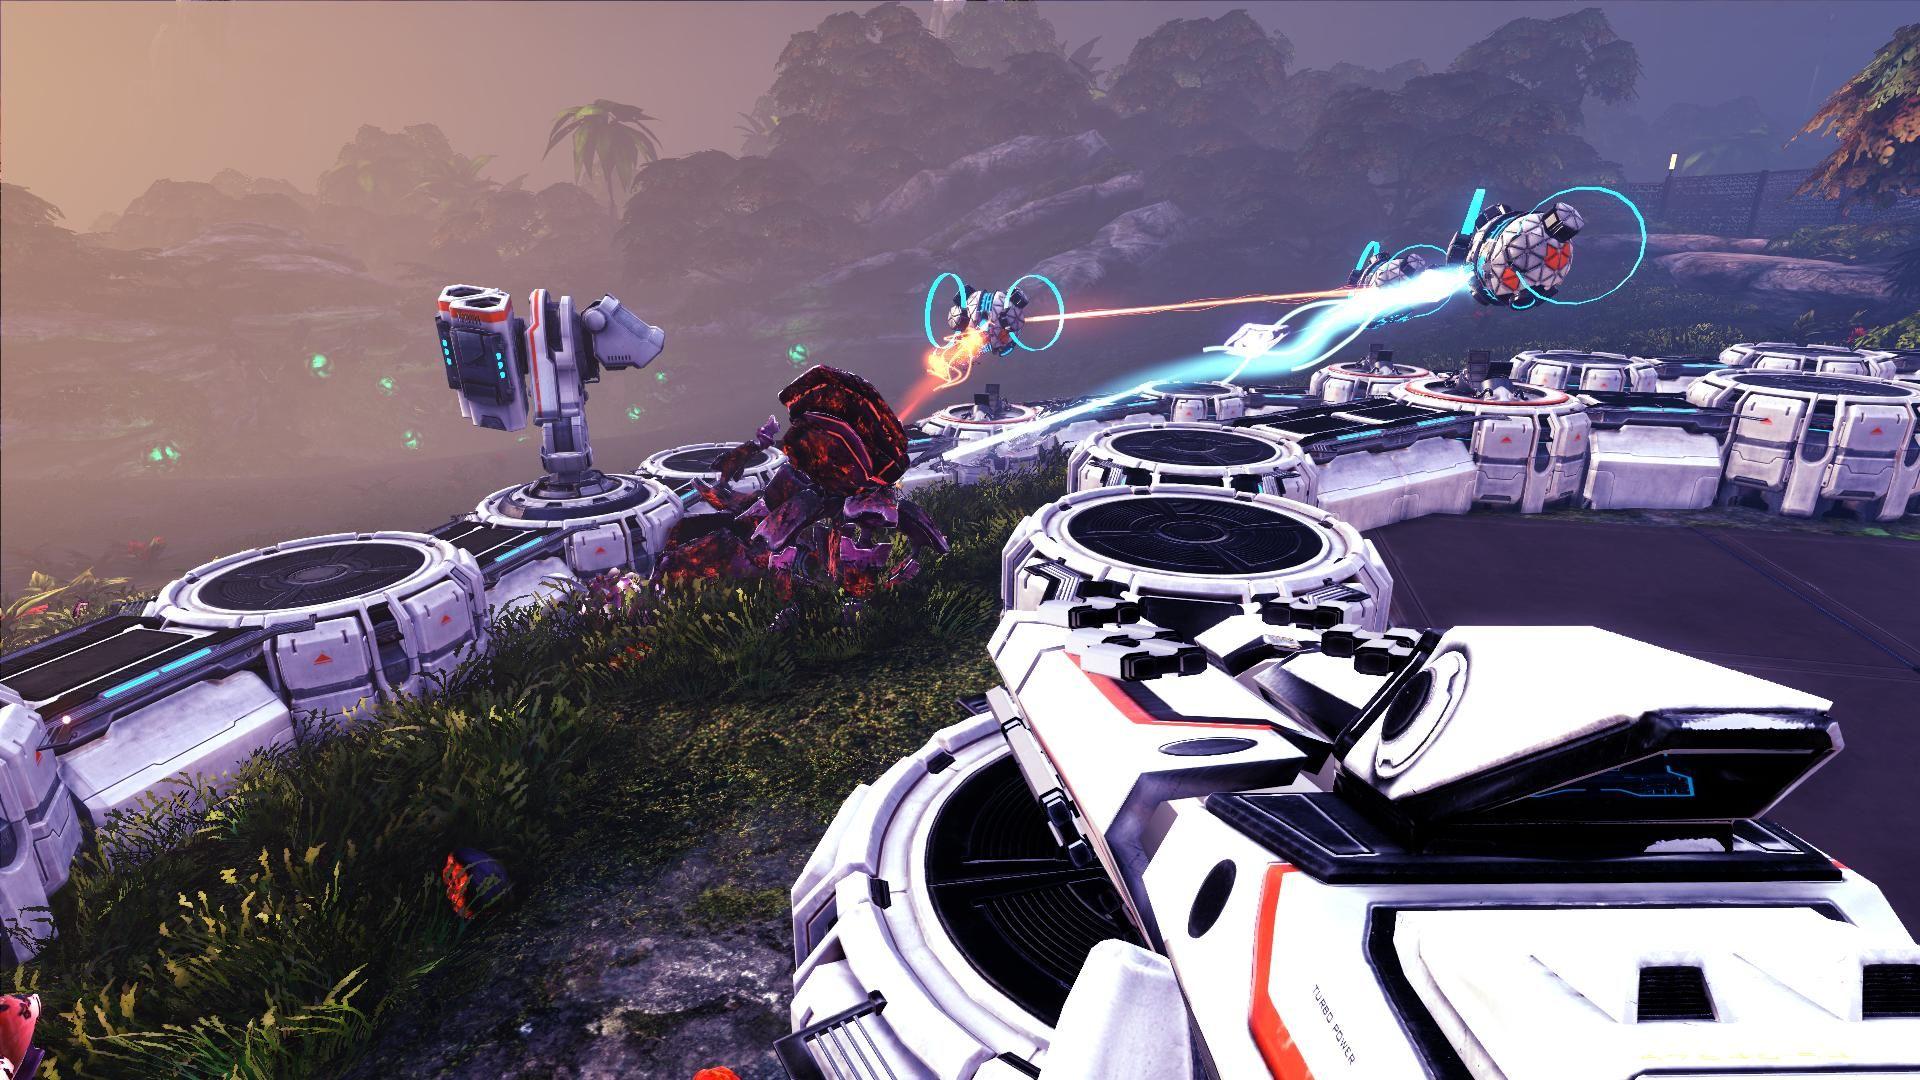 Sanctum 2 The Pursuit DLC due this week, adds four maps ...